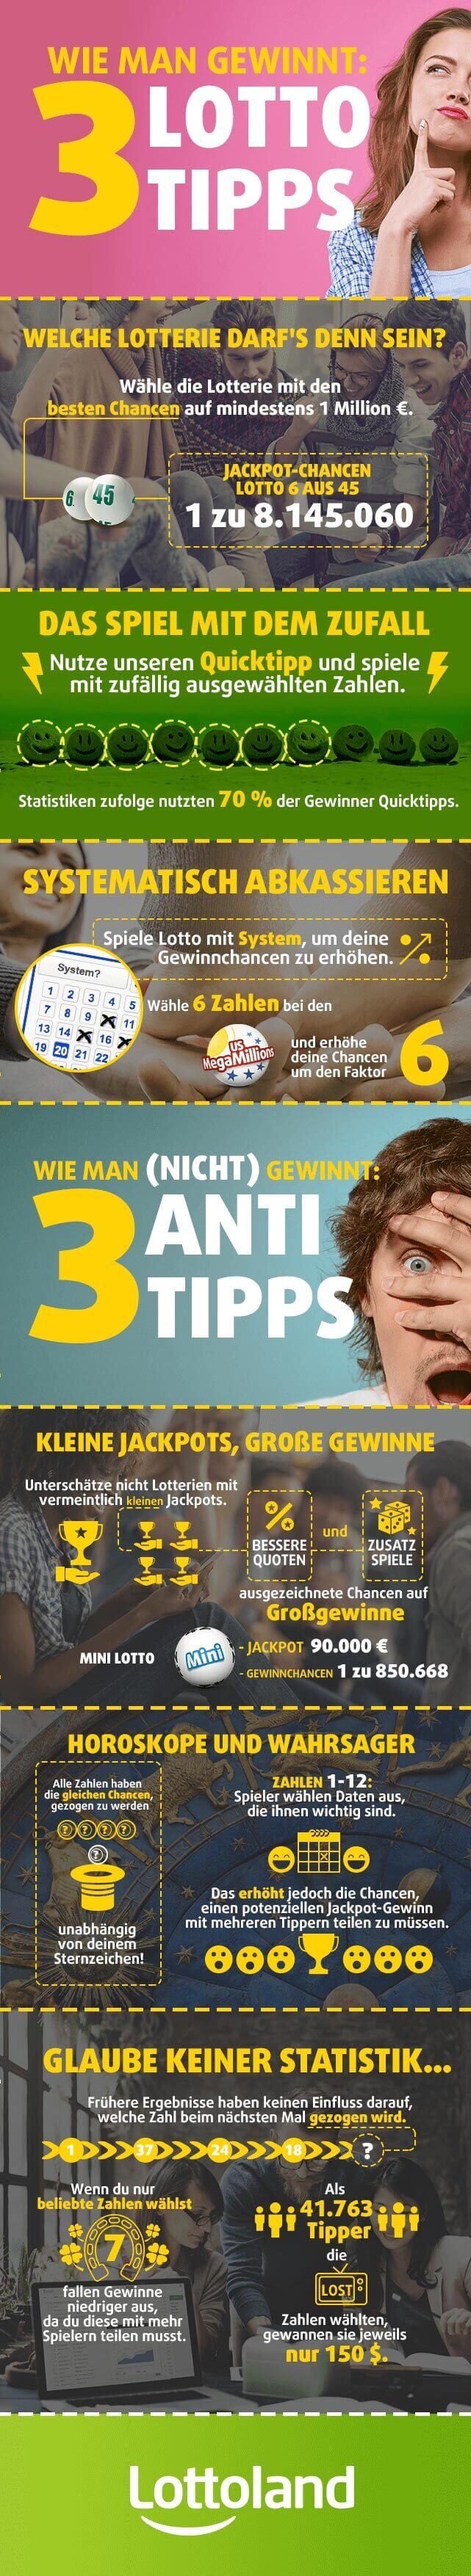 Infografik wie man im Lotto gewinnt, 3 Tipps und 3 Anti Tipps